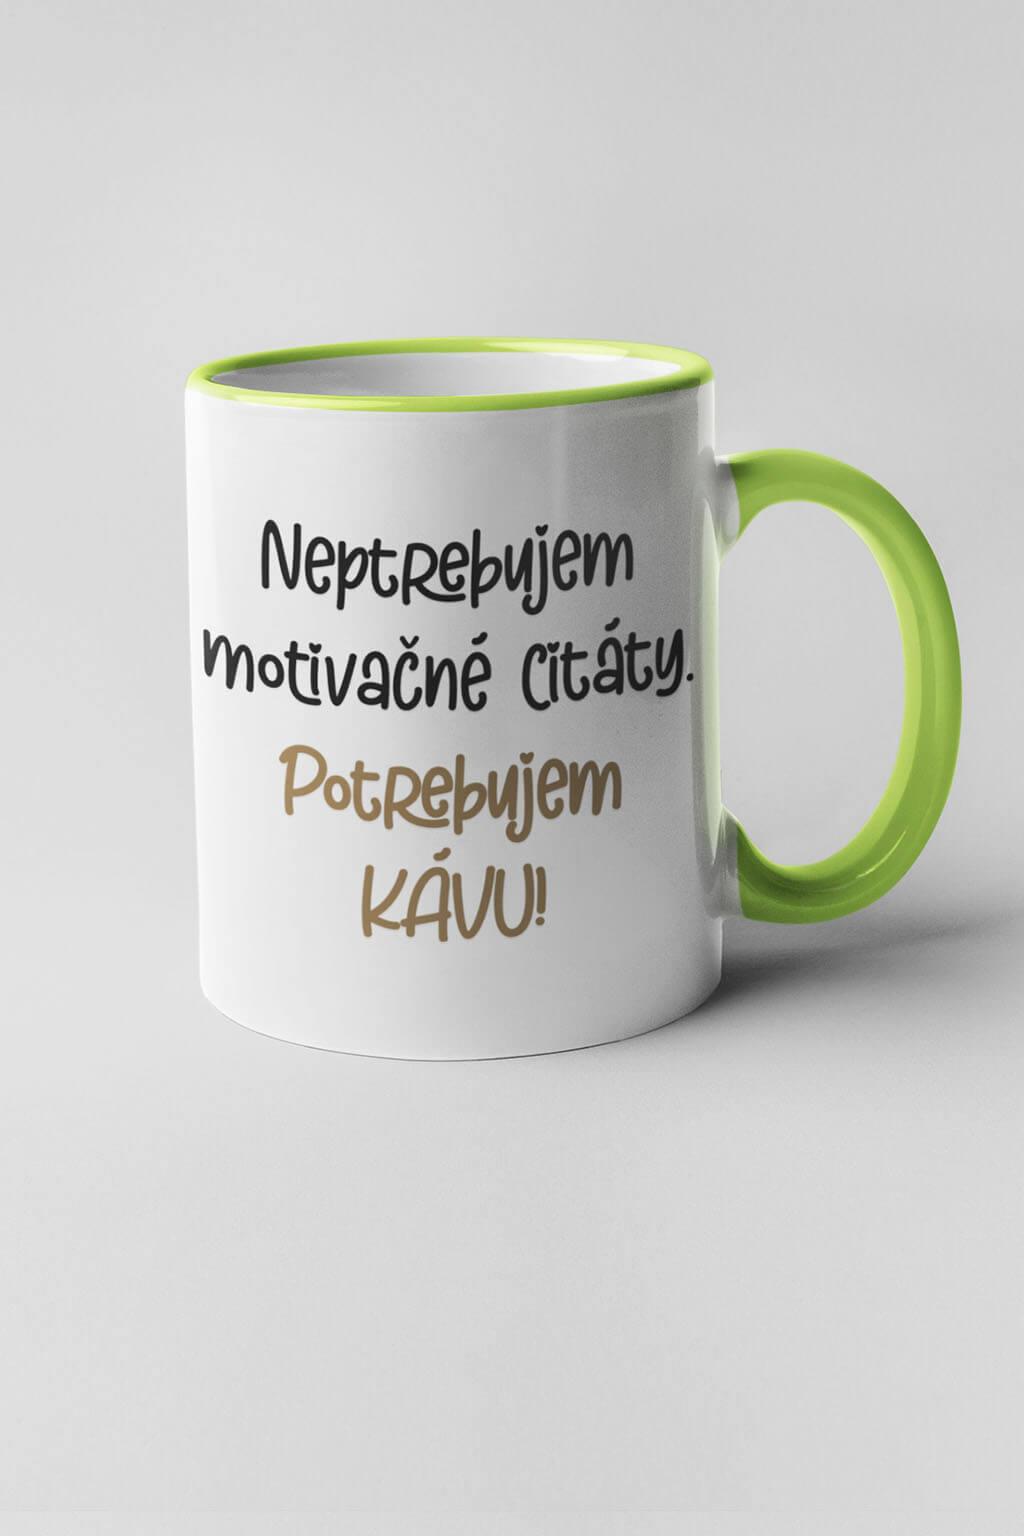 MMO Šálka potrebujem kávu Farba šálky: Zelená